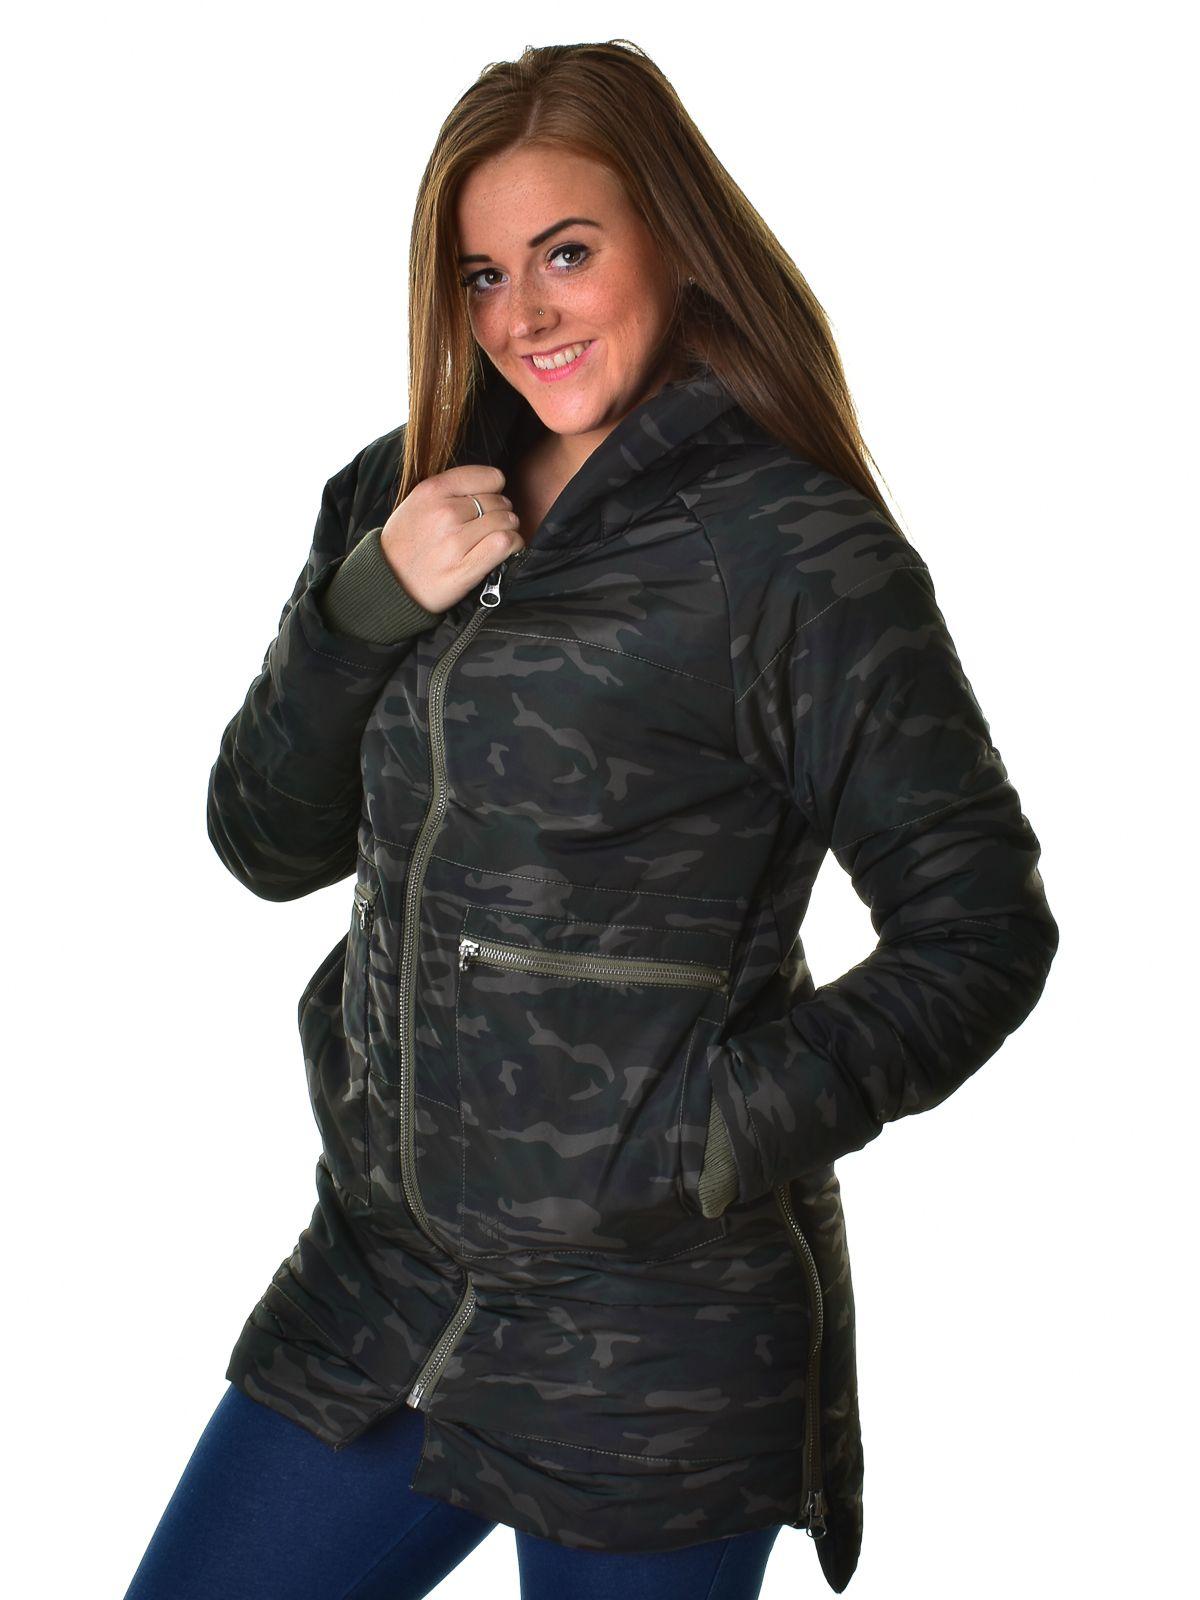 Női - Ruházat - Átmeneti kabát Dzseki abb9673abb